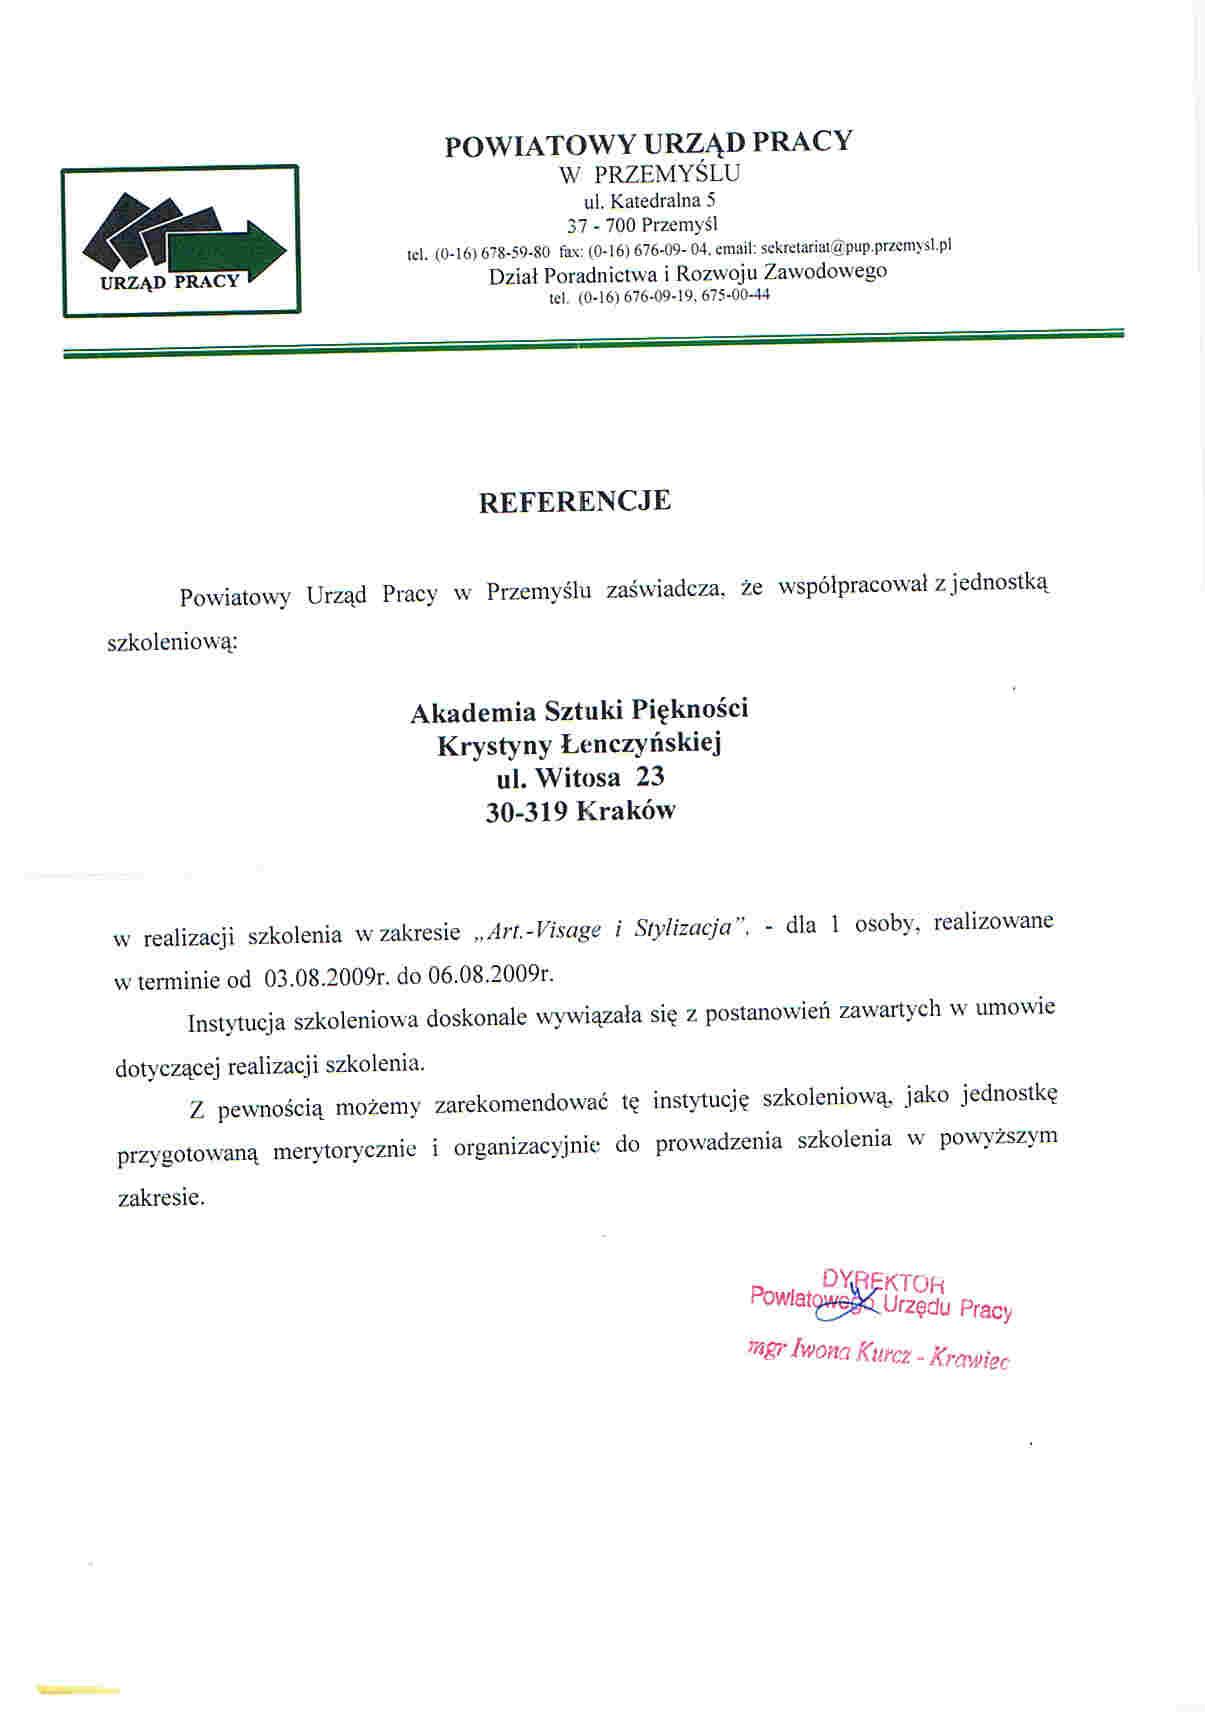 Powiatowy Urząd Pracy w Przemyślu-Przemyśl